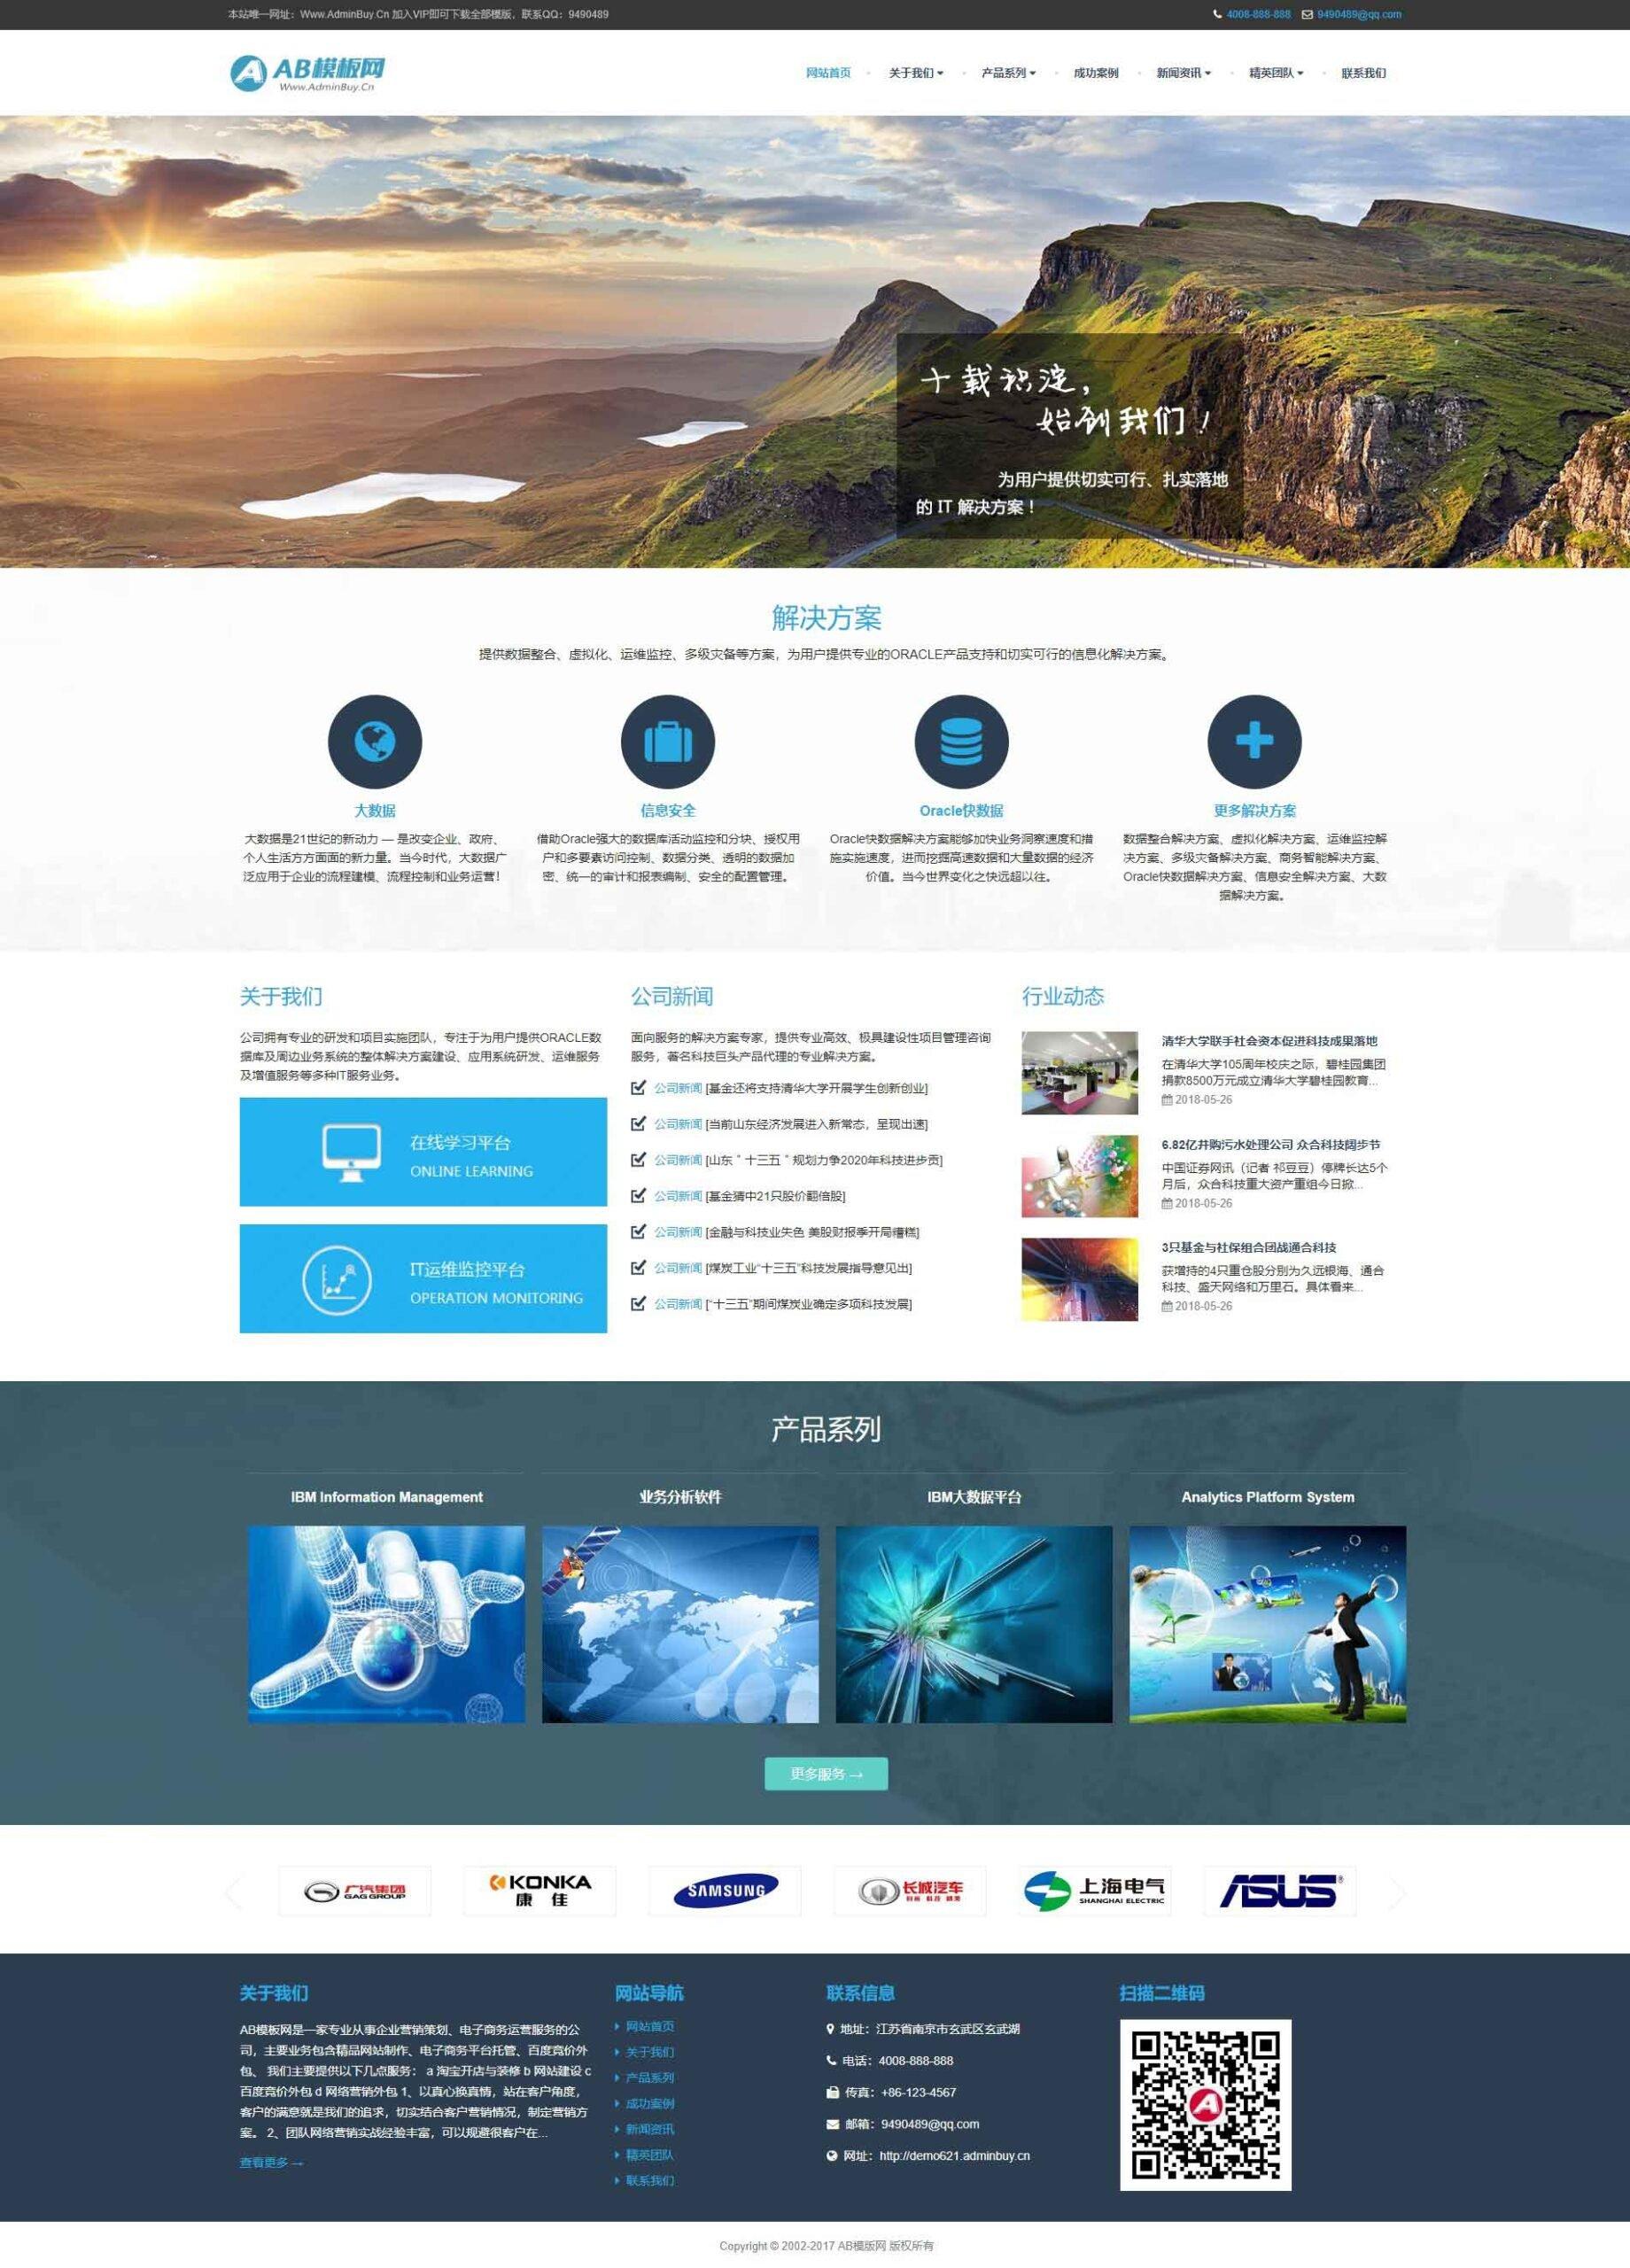 科技企业网站织梦dede模板源码[自适应手机版]插图